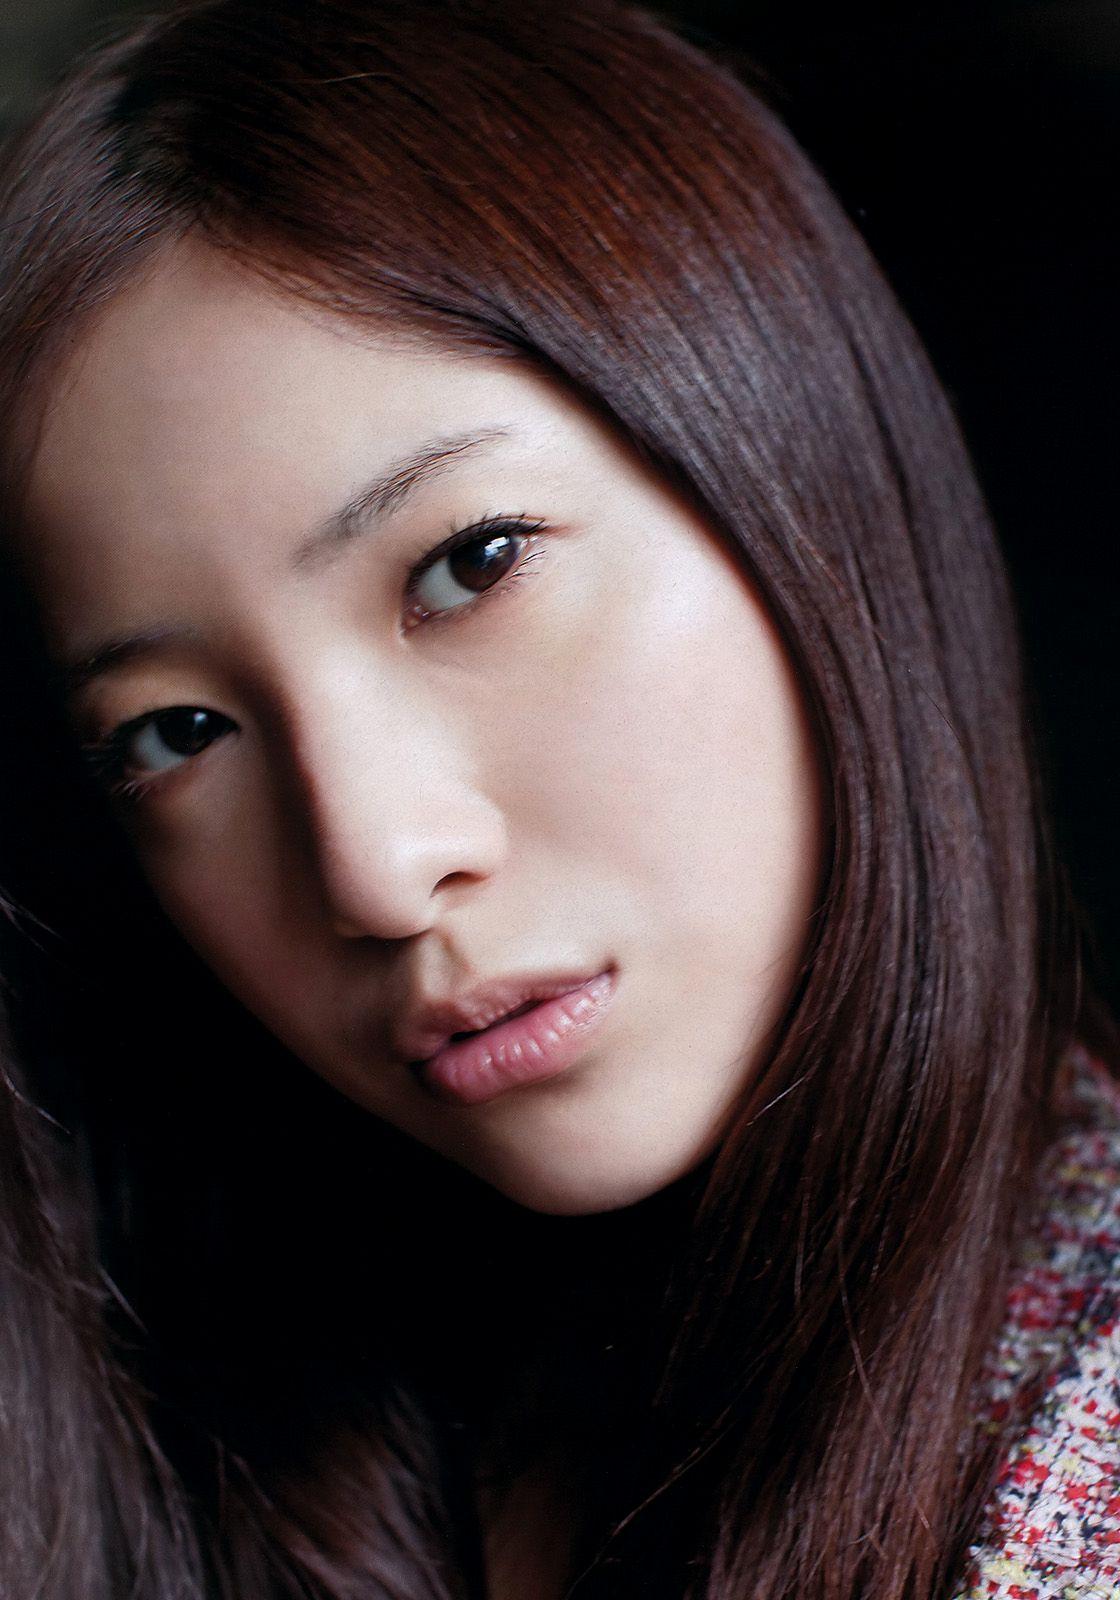 【吉高由里子】中学時代のプリクラを大公開!「どれだけ可愛いの?」のサムネイル画像